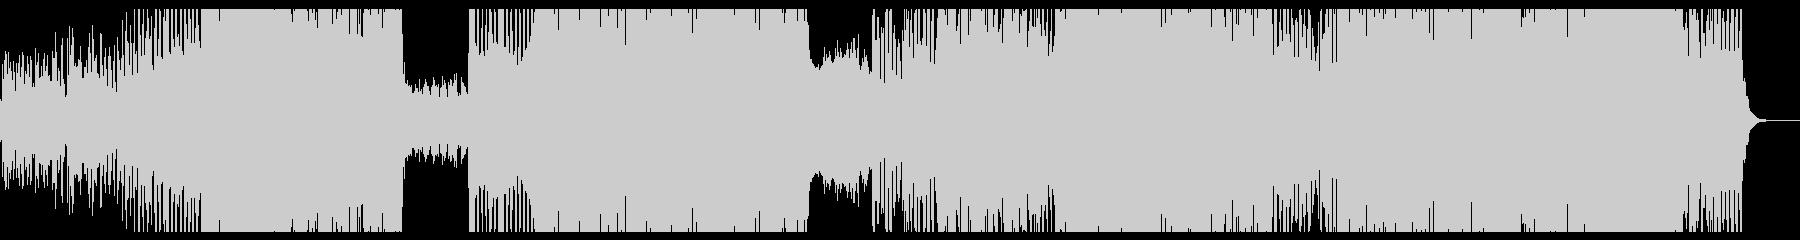 不気味なアンビエント調のテクノポップ2の未再生の波形